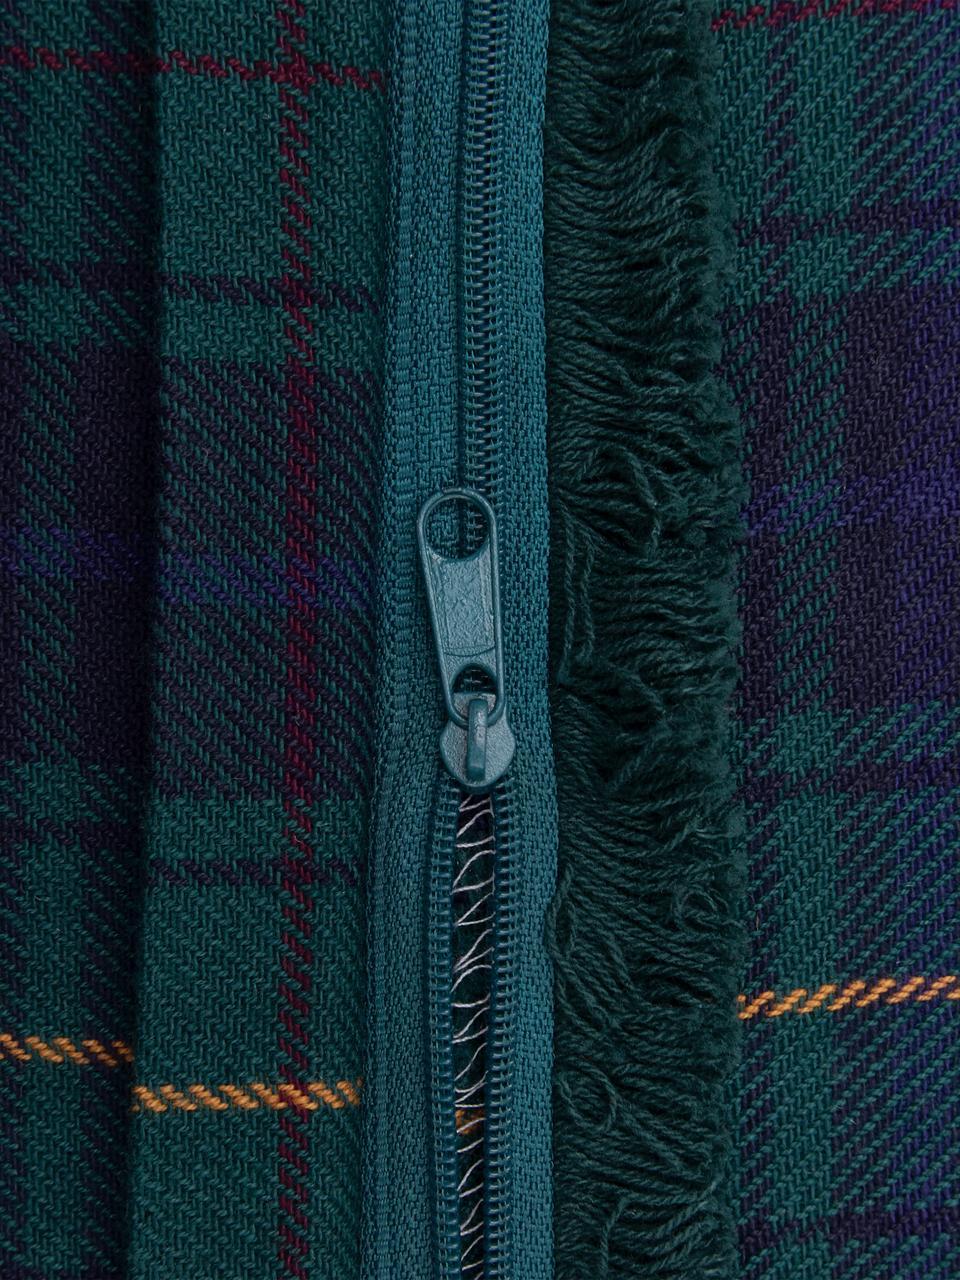 Federa arredo a quadri con frange Stirling, 100% cotone, Blu scuro, verde scuro, giallo, Larg. 45 x Lung. 45 cm